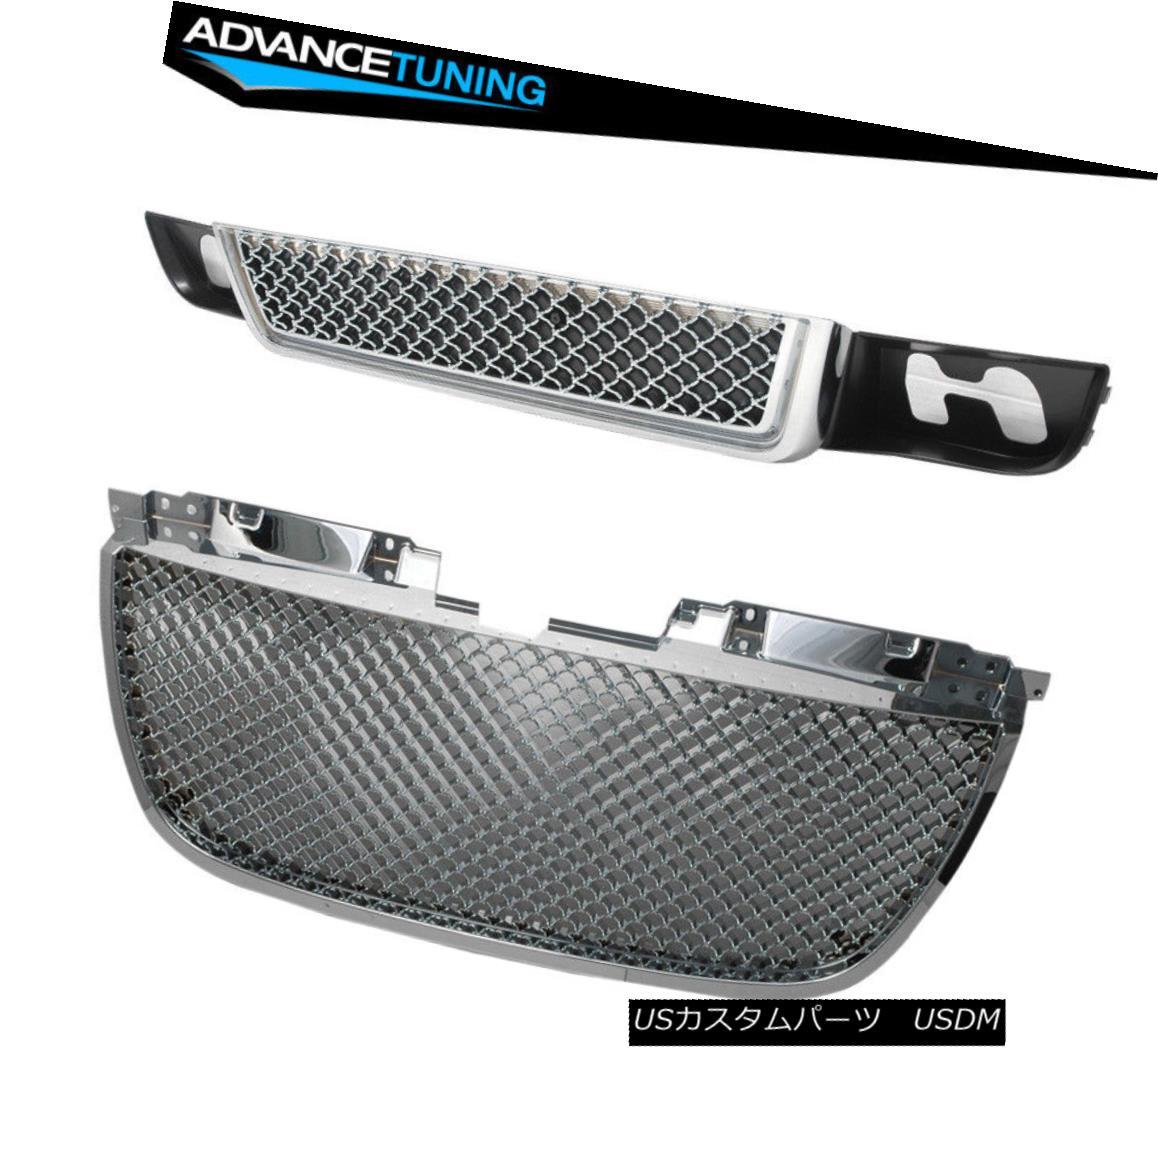 グリル For 07-13 GMC Yukon Denali Front Upper Grill & Lower Grille - ABS Chrome 07-13 GMCユーコンデナリフロントアッパーグリル& ロワーグリル - ABSクローム